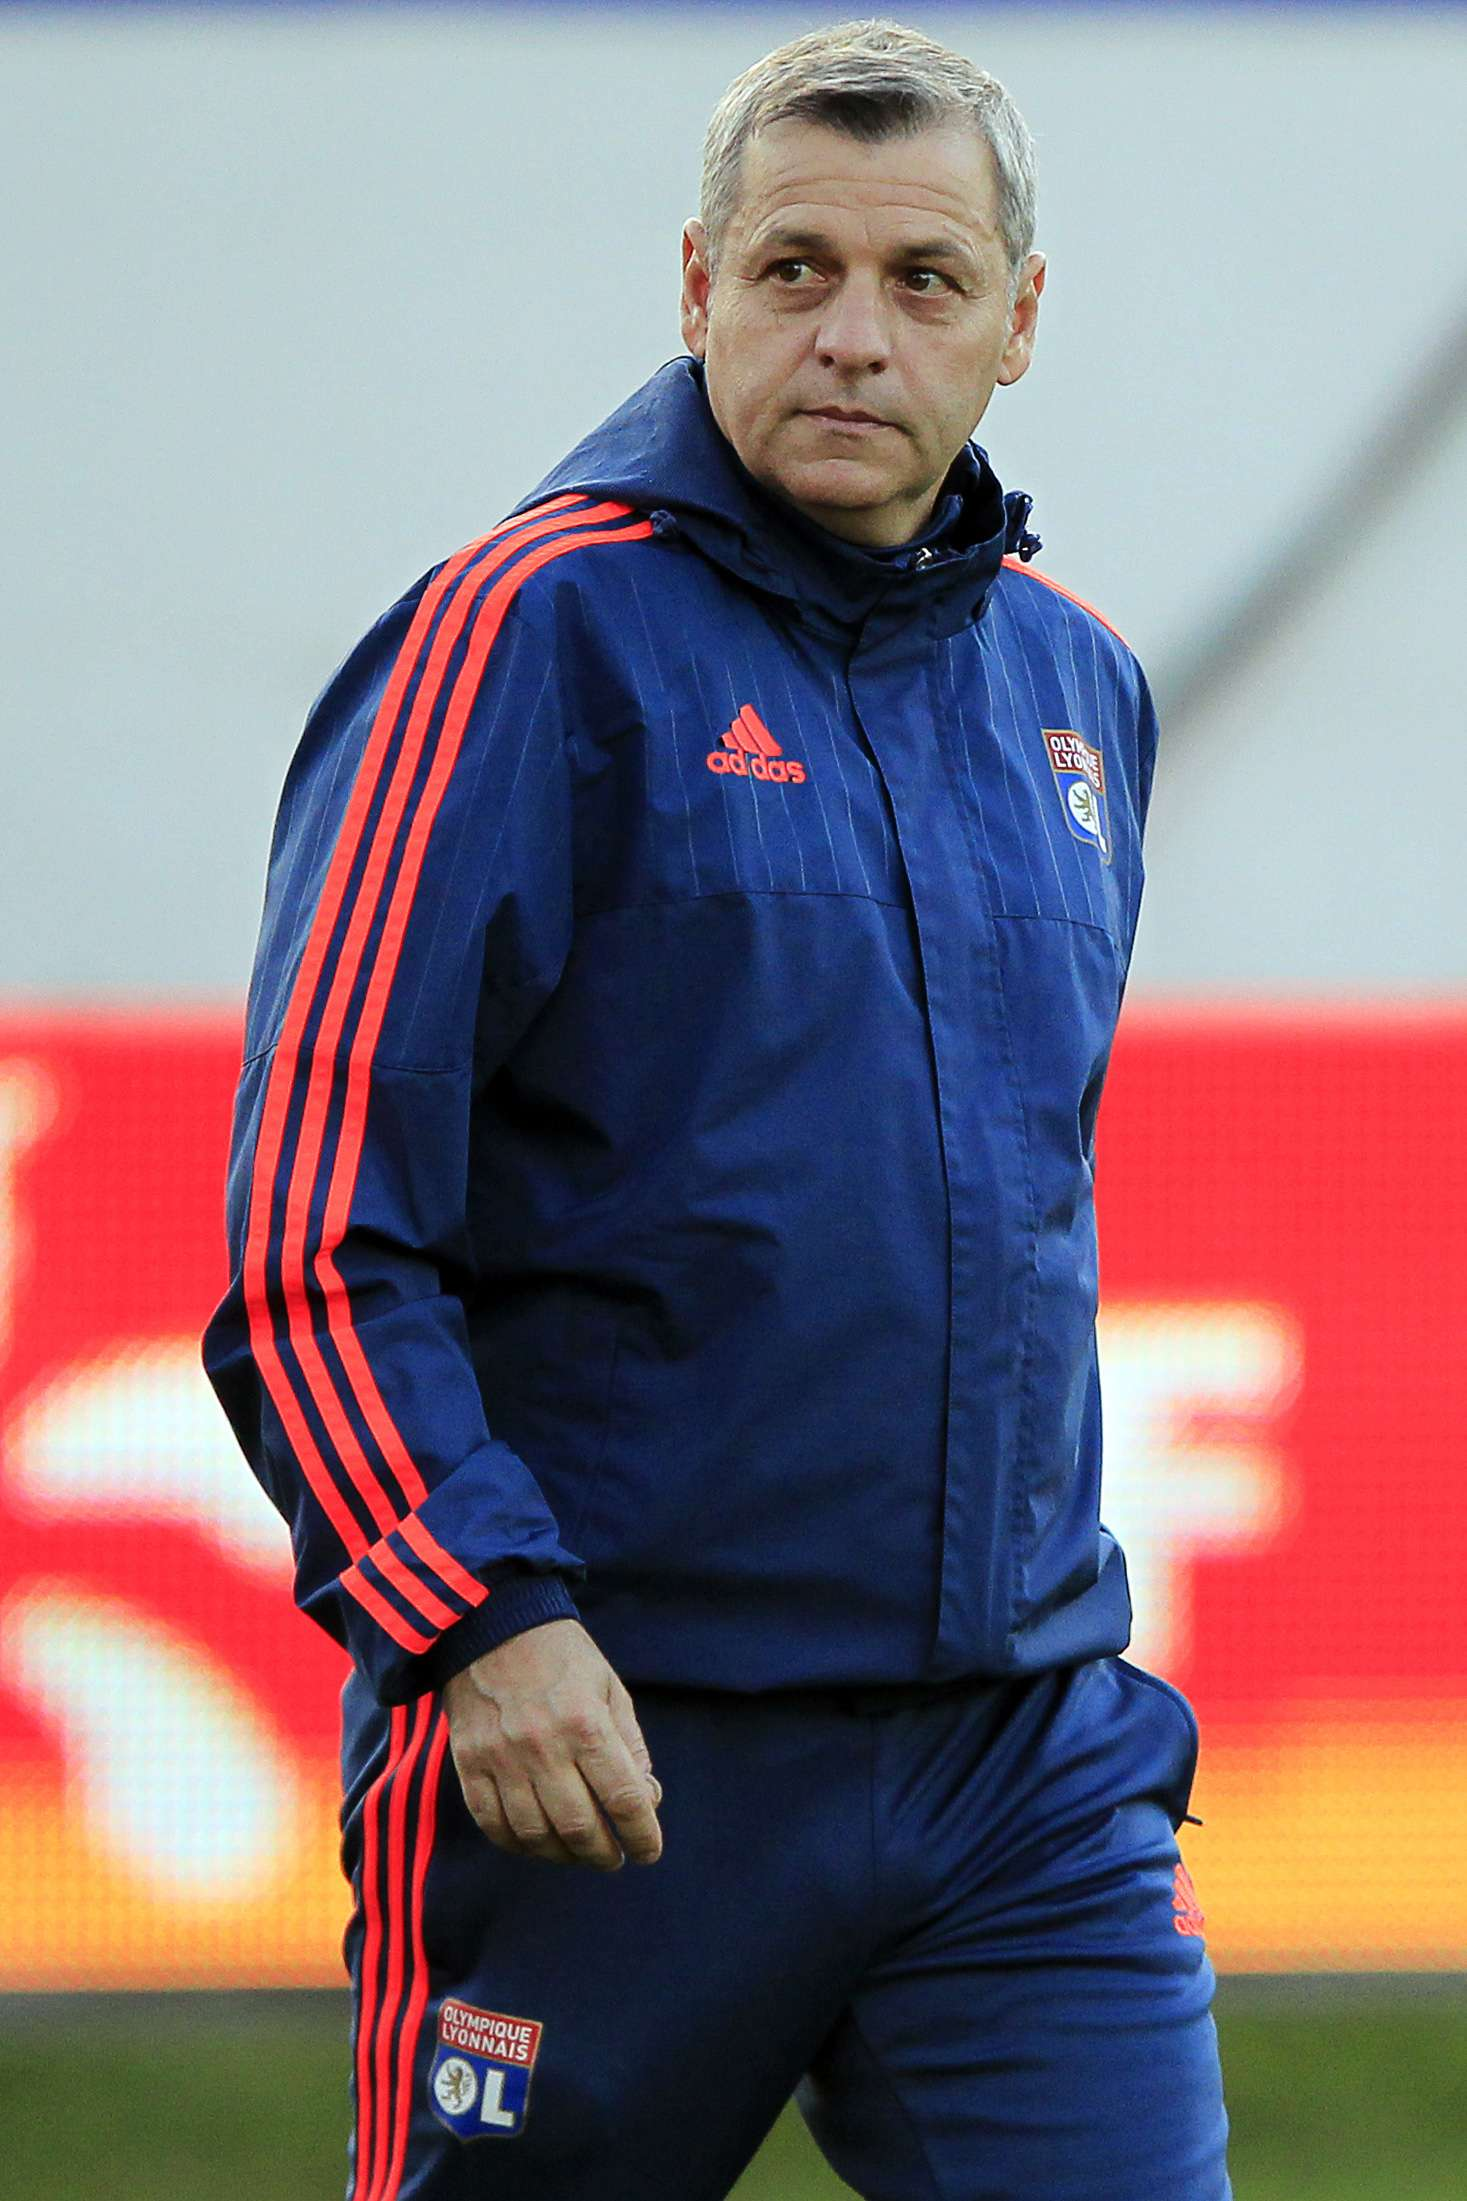 Bruno Genesio è tecnico della prima squadra dalla scorso 24 dicembre, è ma fa parte dello staf del Lione dal 2005